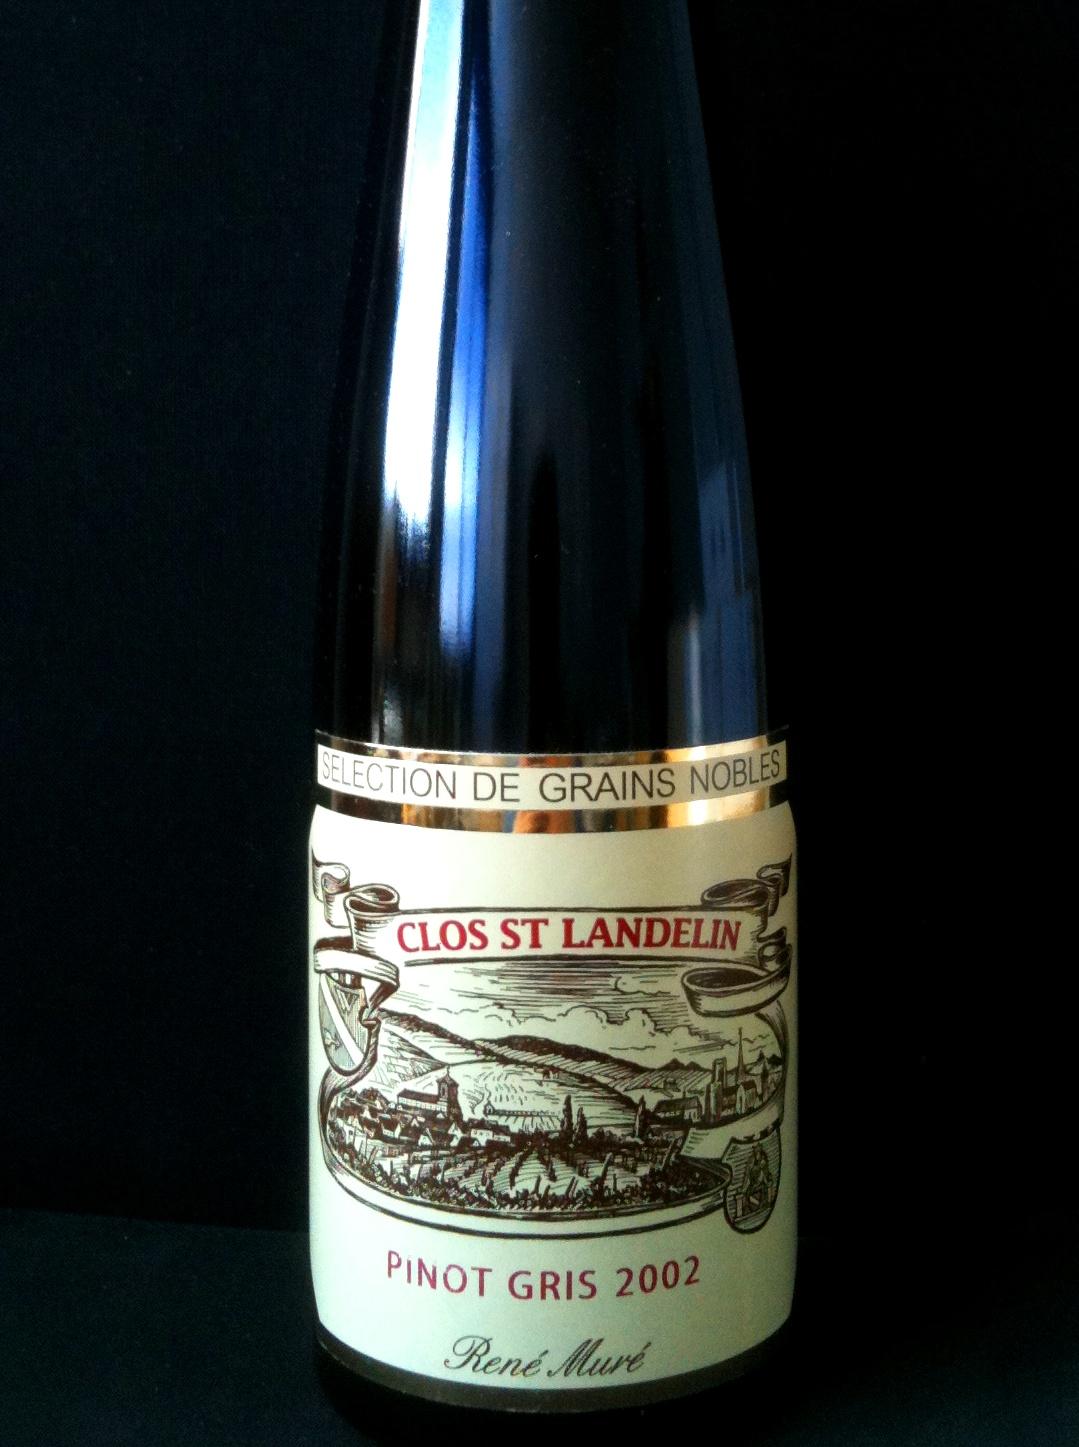 Pinot Gris Clos St Landelin G.C. Monopole Selection Grains Nobles 50cl 2002